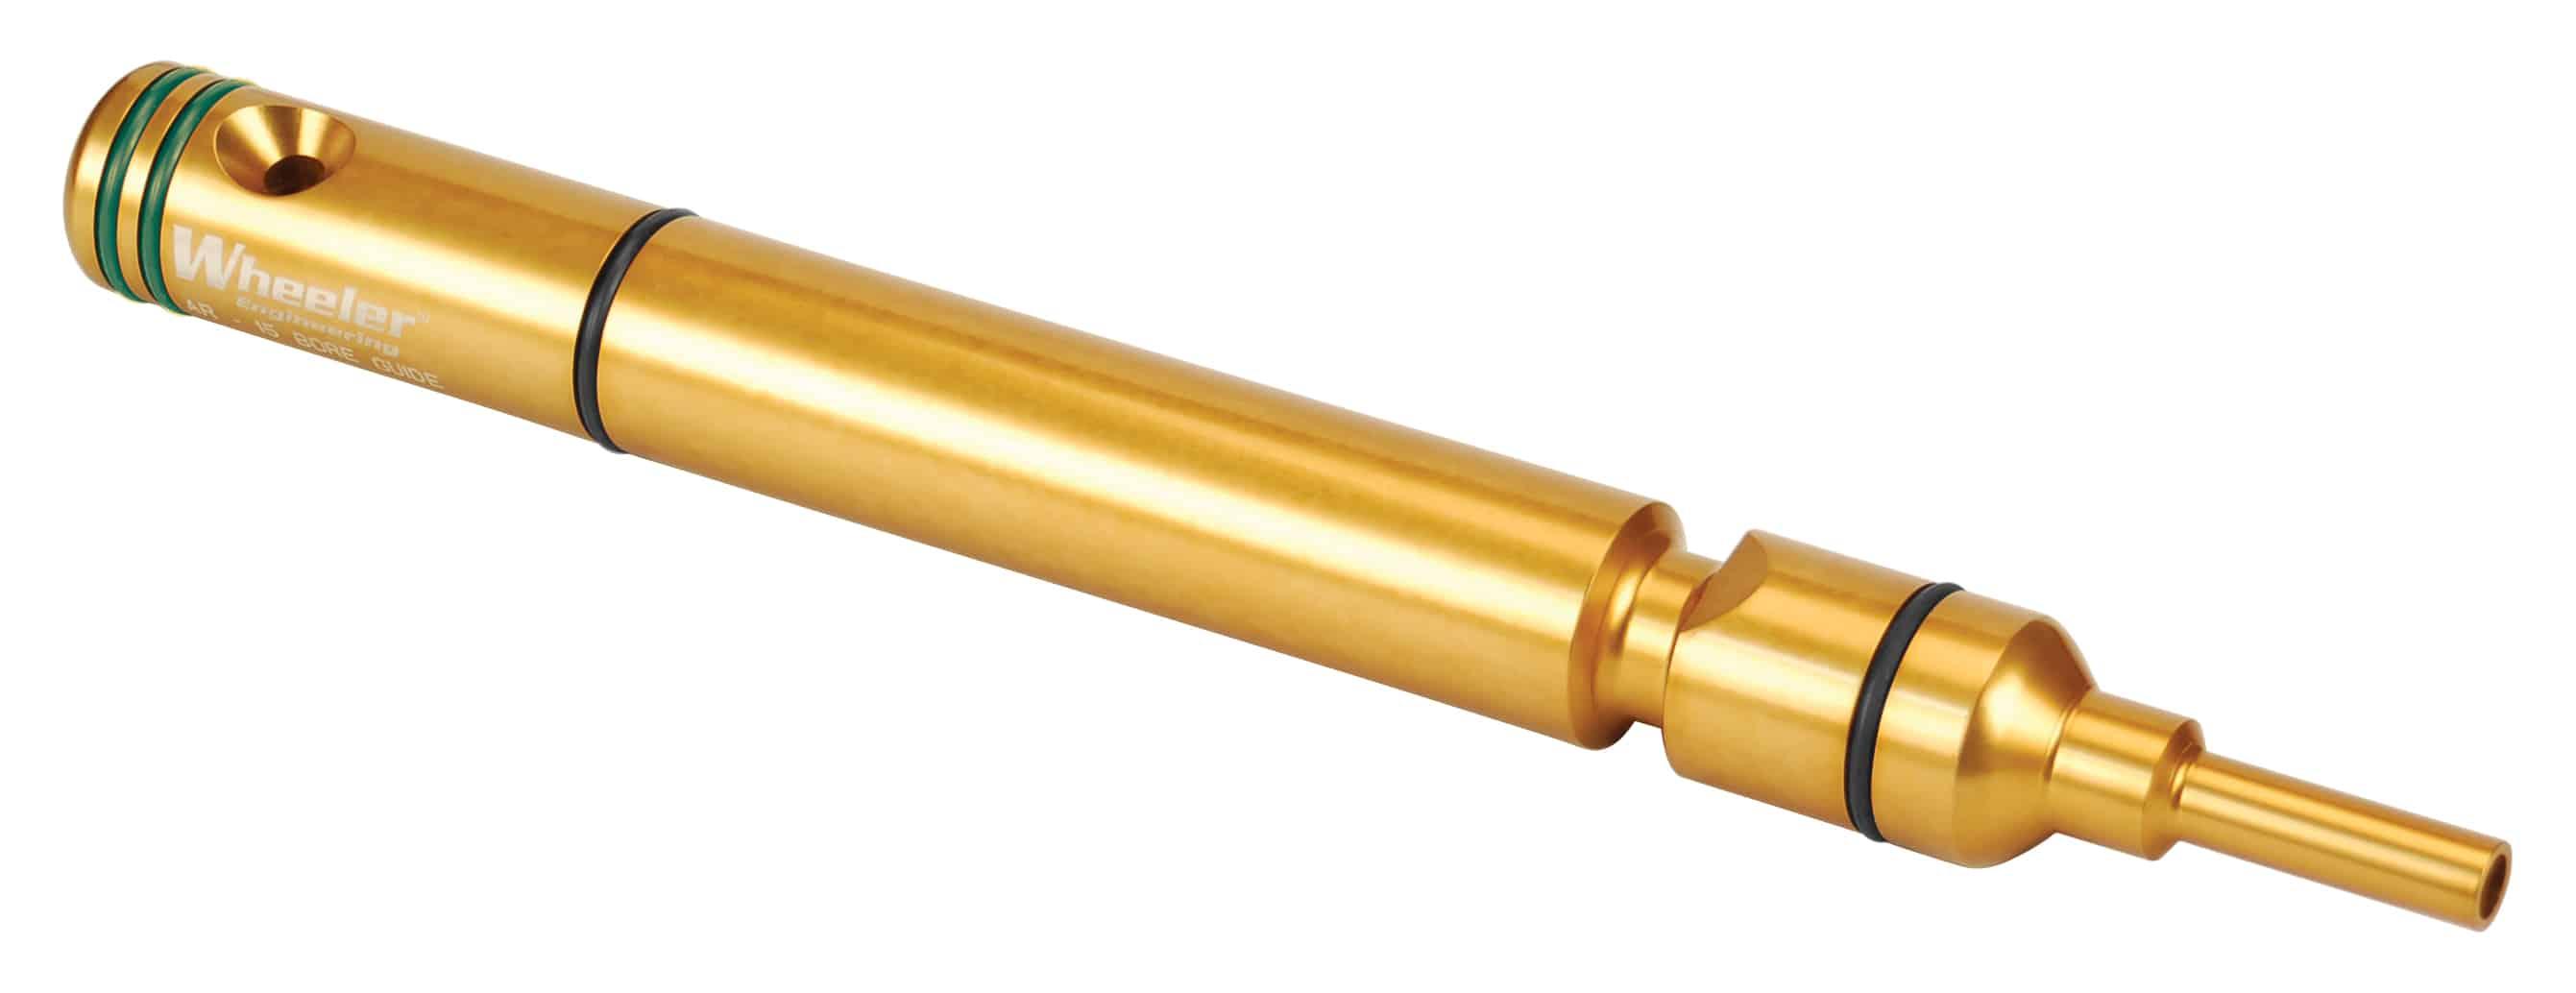 Delta Series AR-10 Bore Guide - 156777